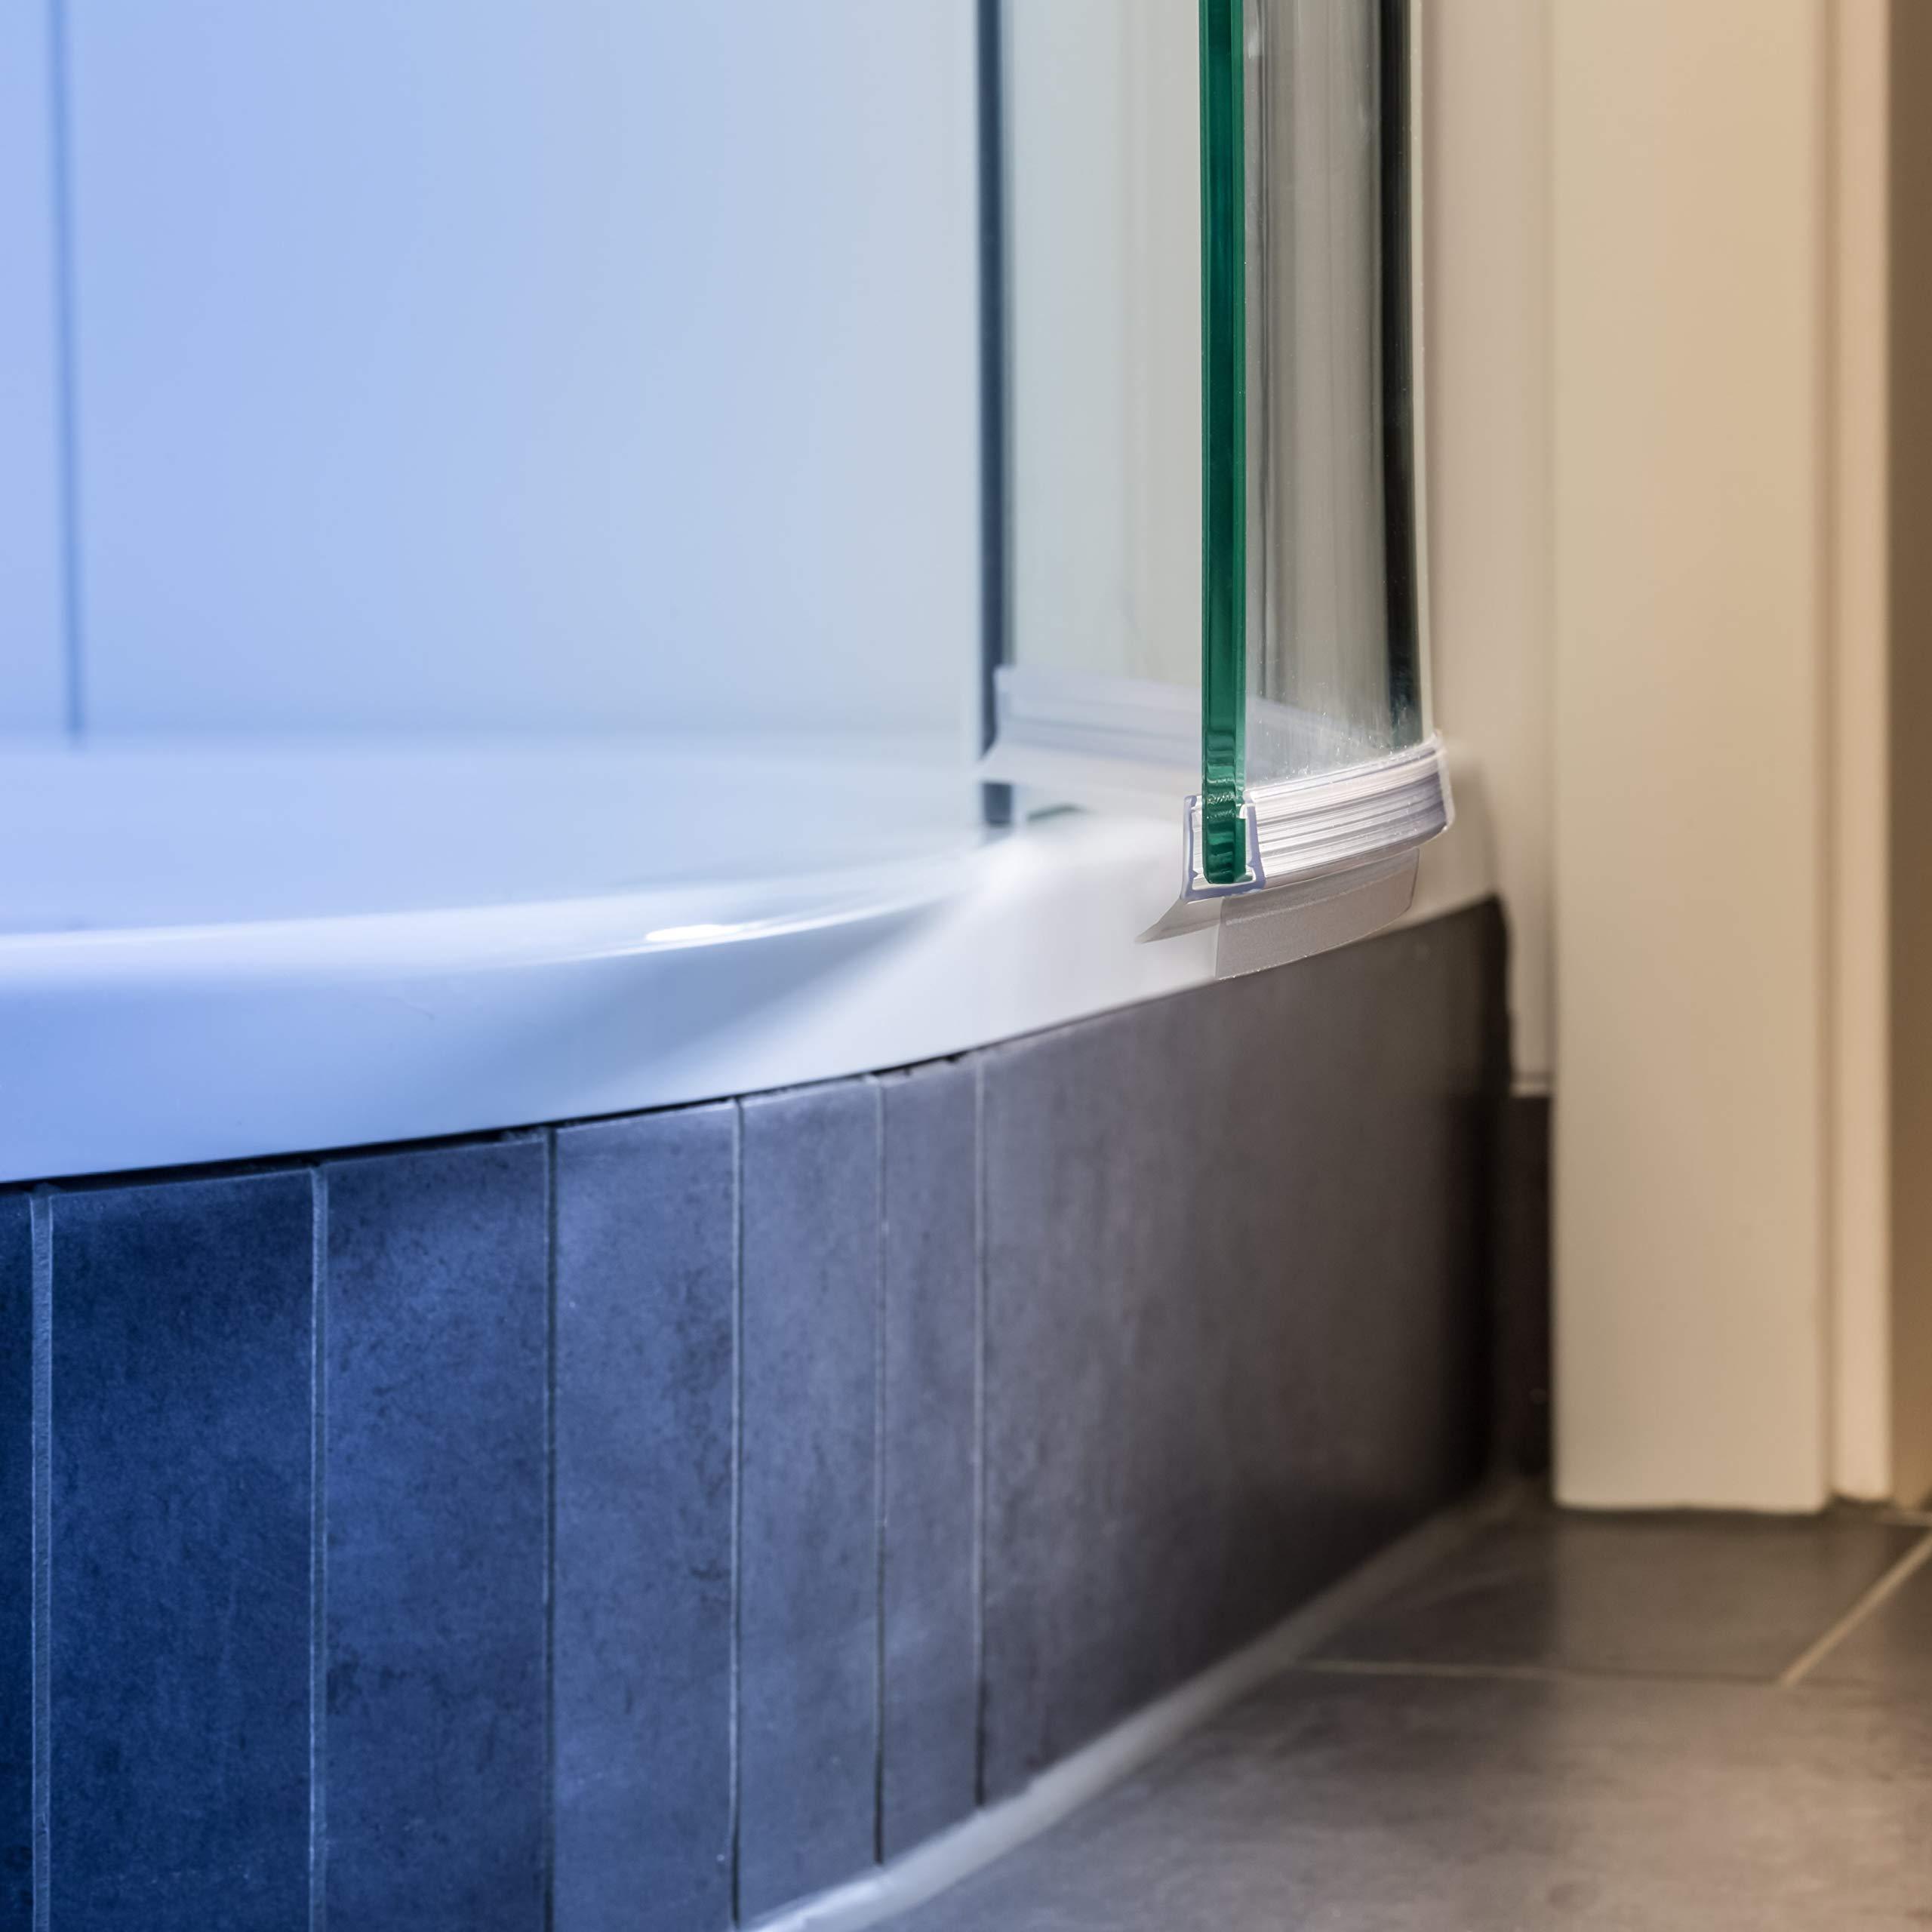 100 cm Junta, redonda ducha y ducha, ducha cabina, redondo Junta, vasos, Repuestos curvada y ducha,, resistente al, cuarto círculo ducha de labios, semicircular, 6 mm, 7 mm, 8 mm: Amazon.es: Bricolaje y herramientas